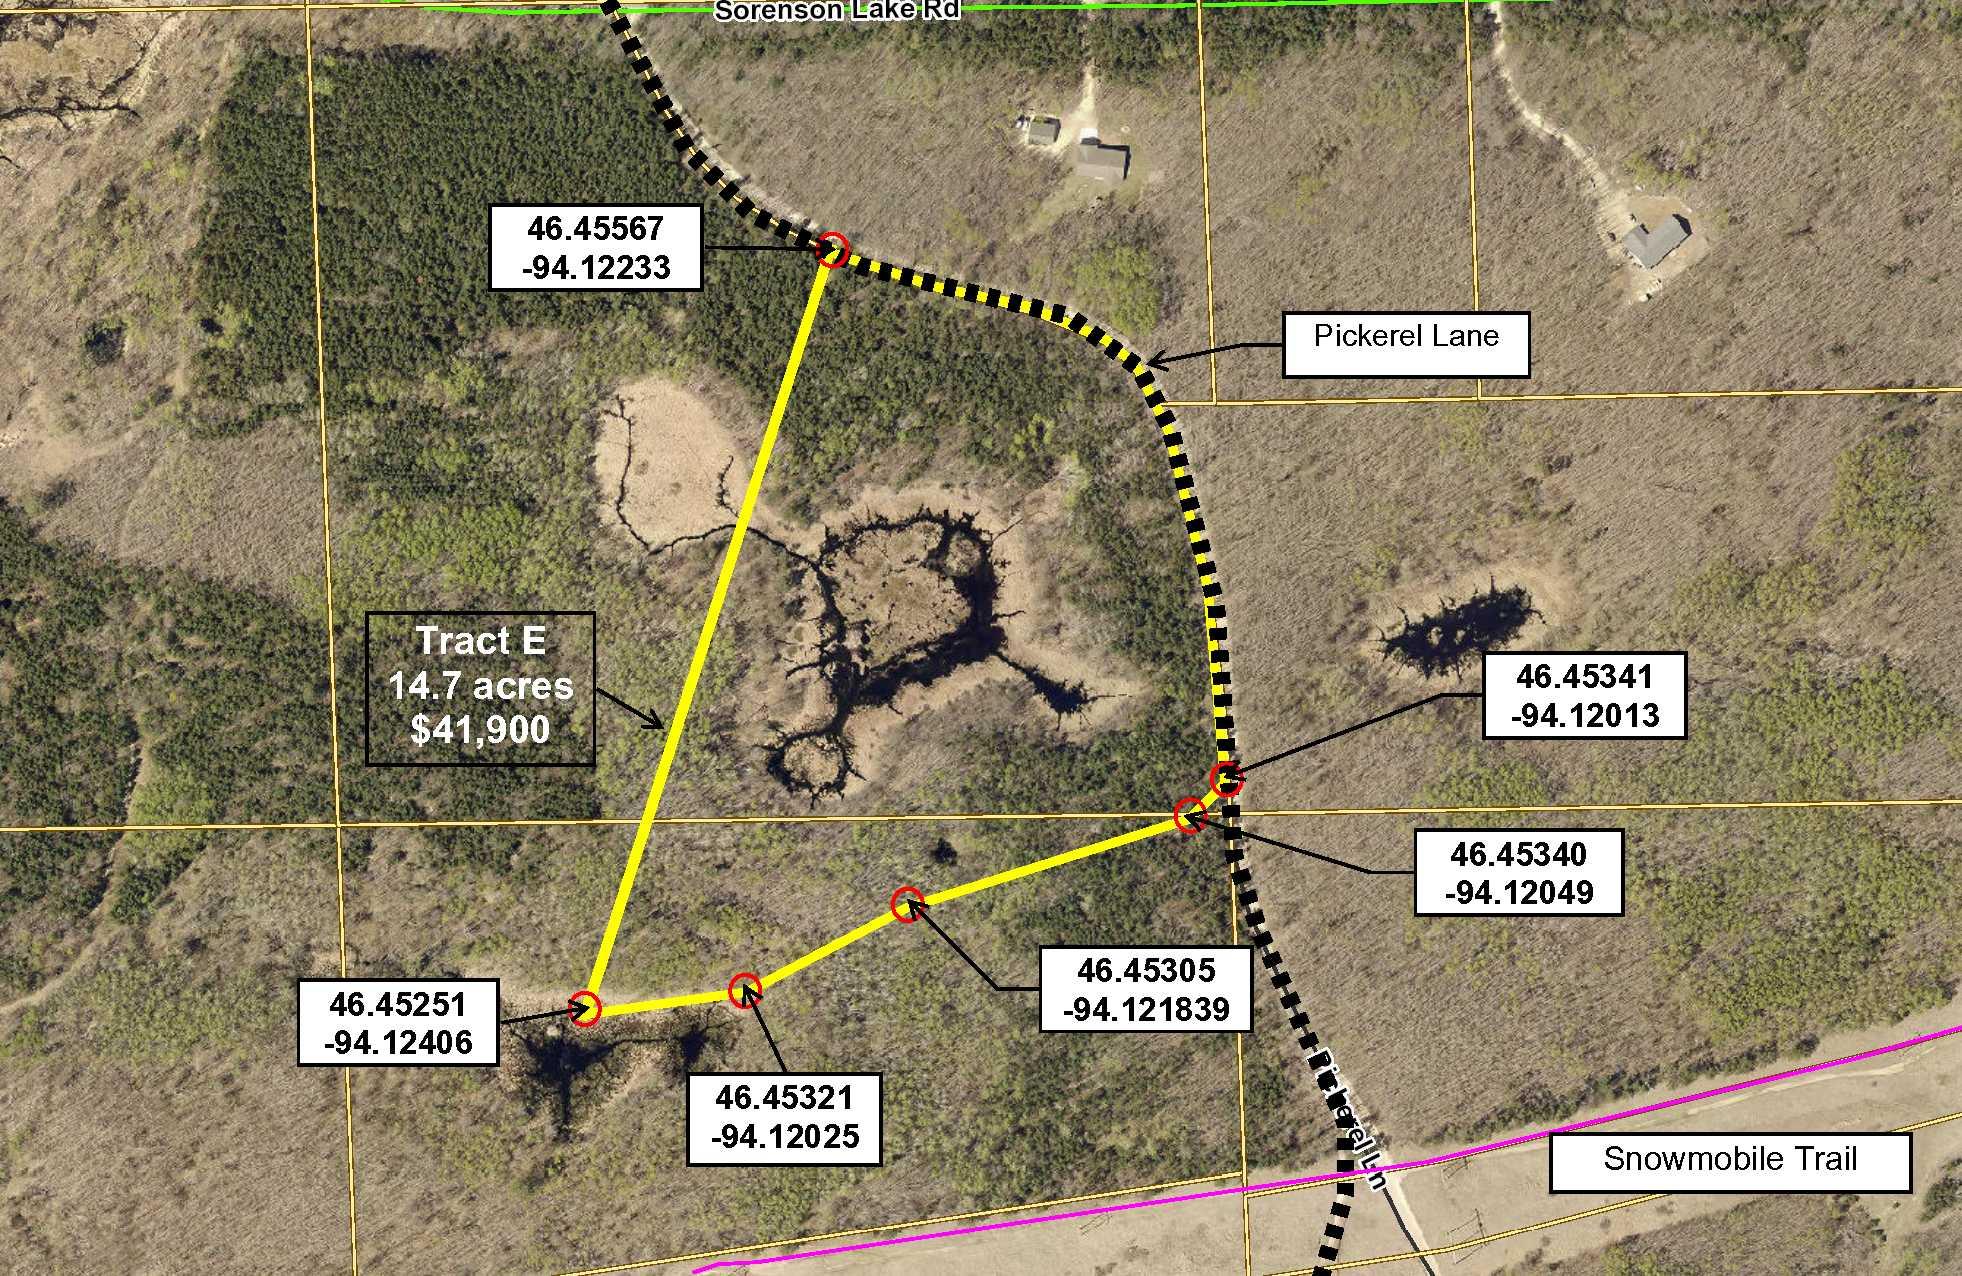 Tract E, Pt GL4(NWNW), 05-134-27 AND Pt GL1(NENE) & Pt SENE, 06-134-27 TBD Pickerel Lane, Merrifield